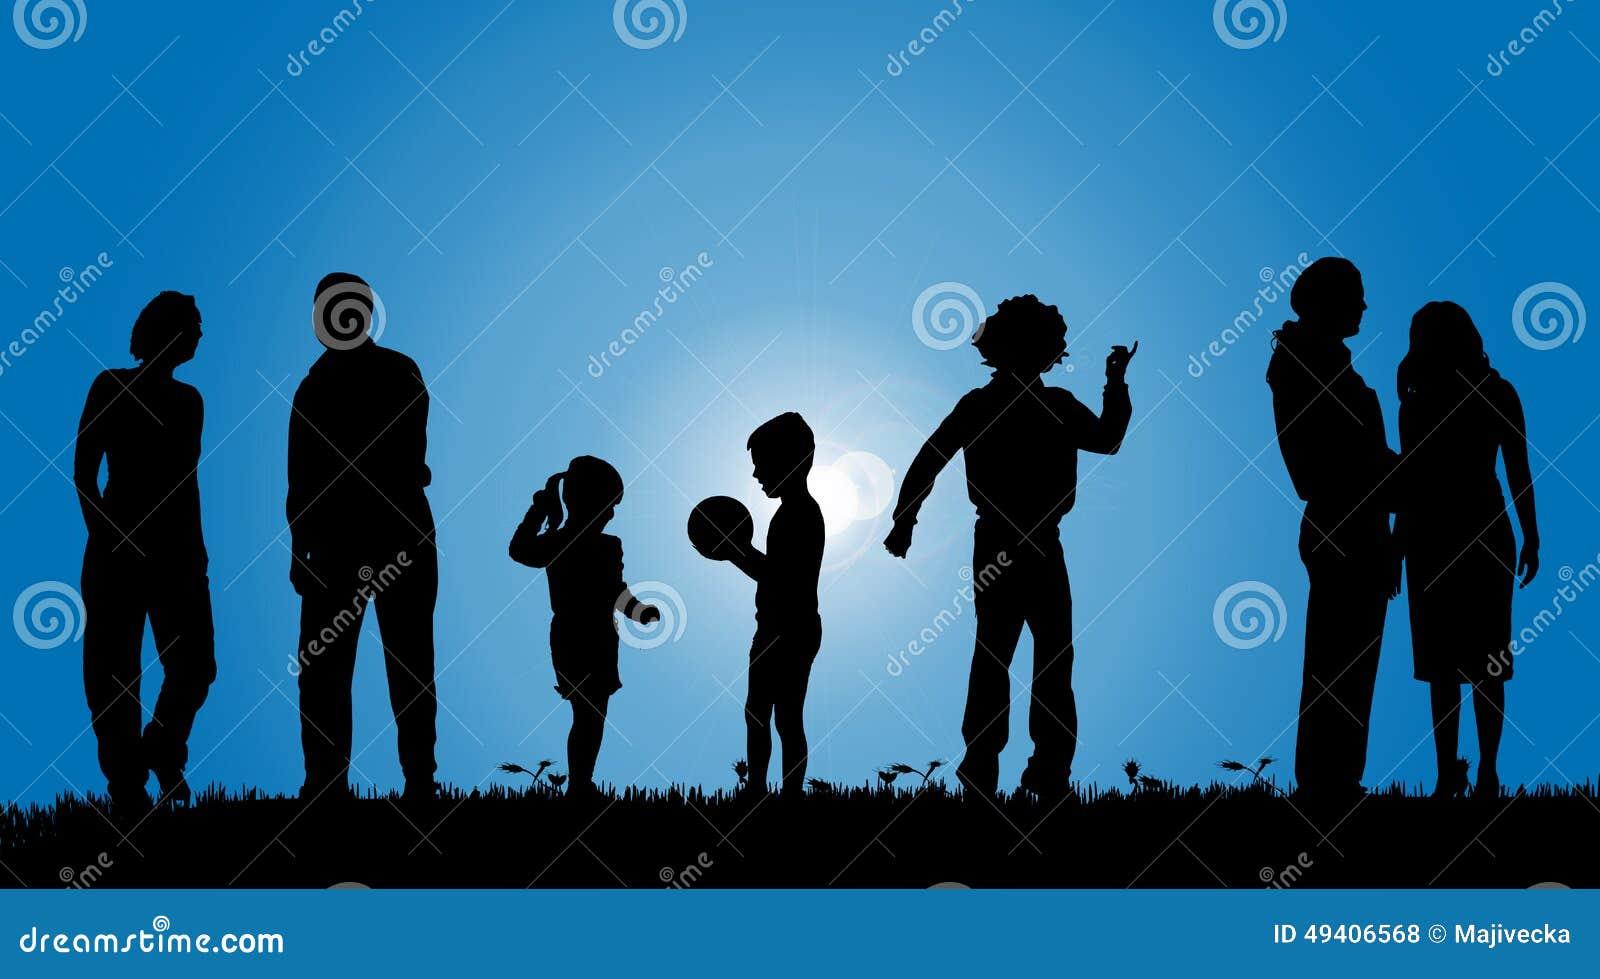 Download Vektorschattenbilder Von Leuten Vektor Abbildung - Illustration von aktiv, lebensstil: 49406568